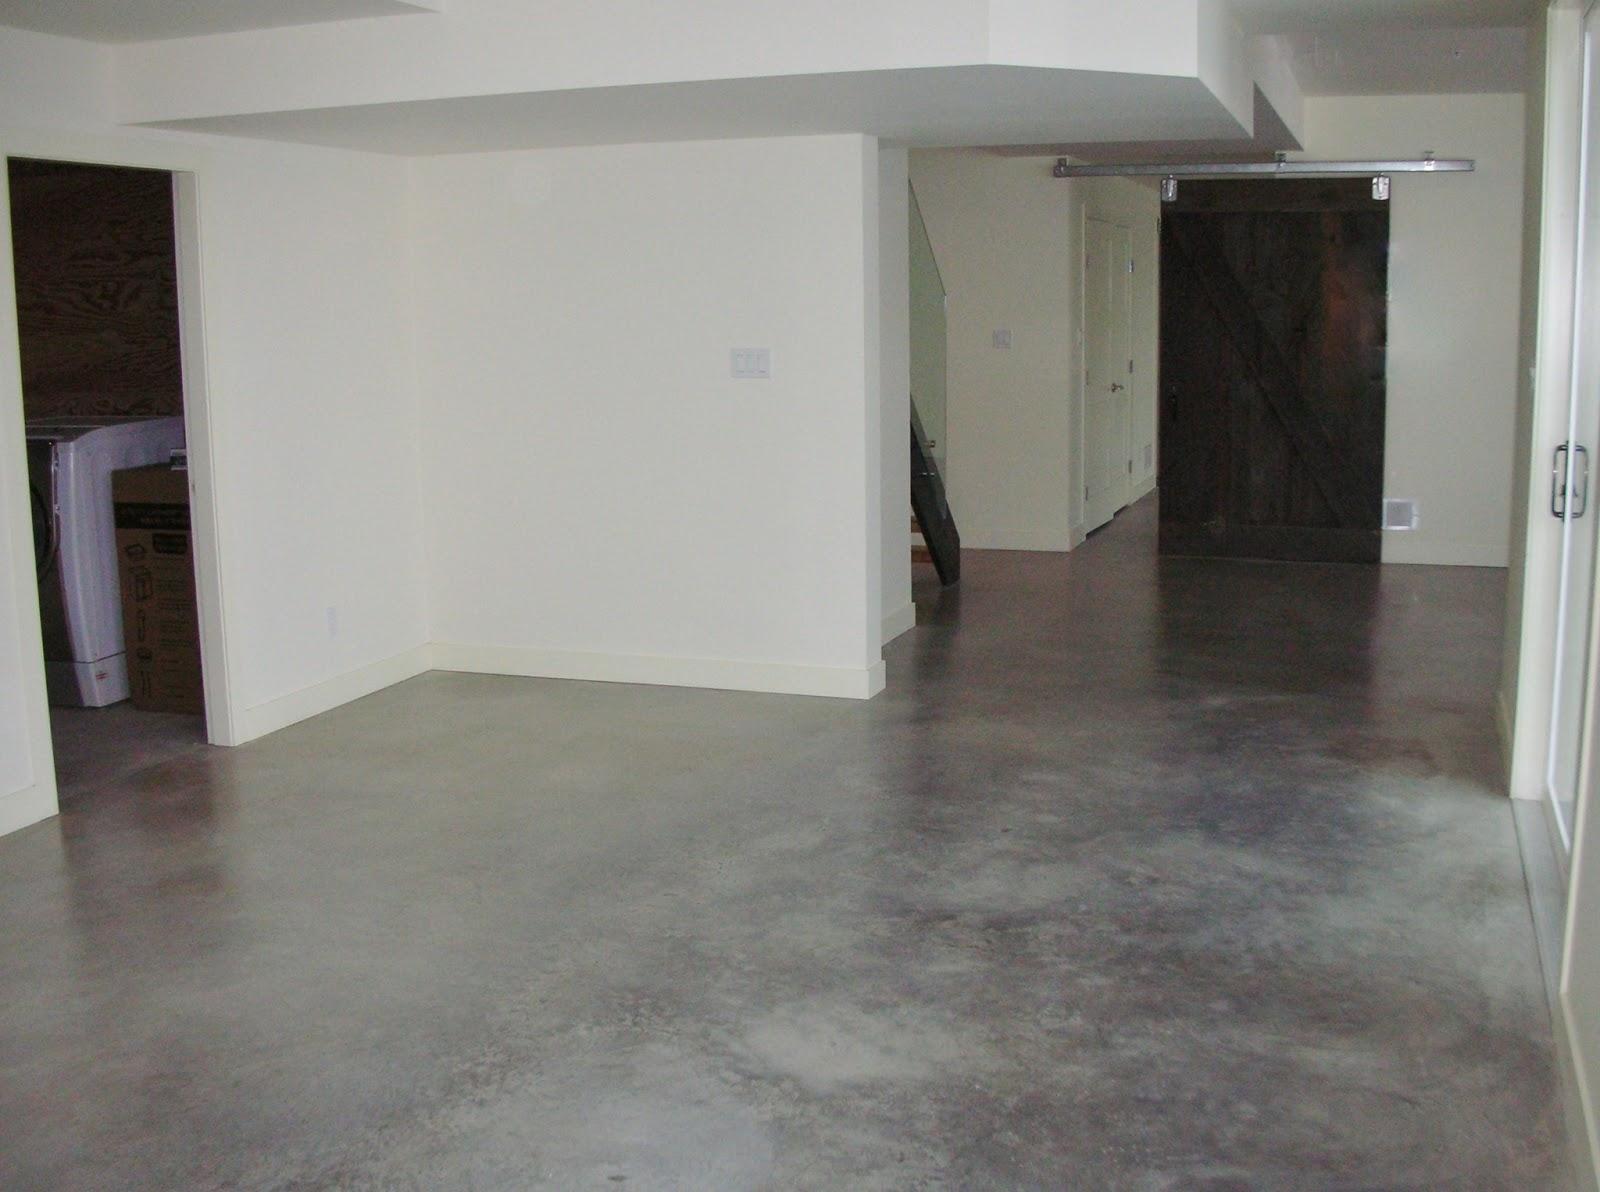 Carpet For Basement Concrete Floor